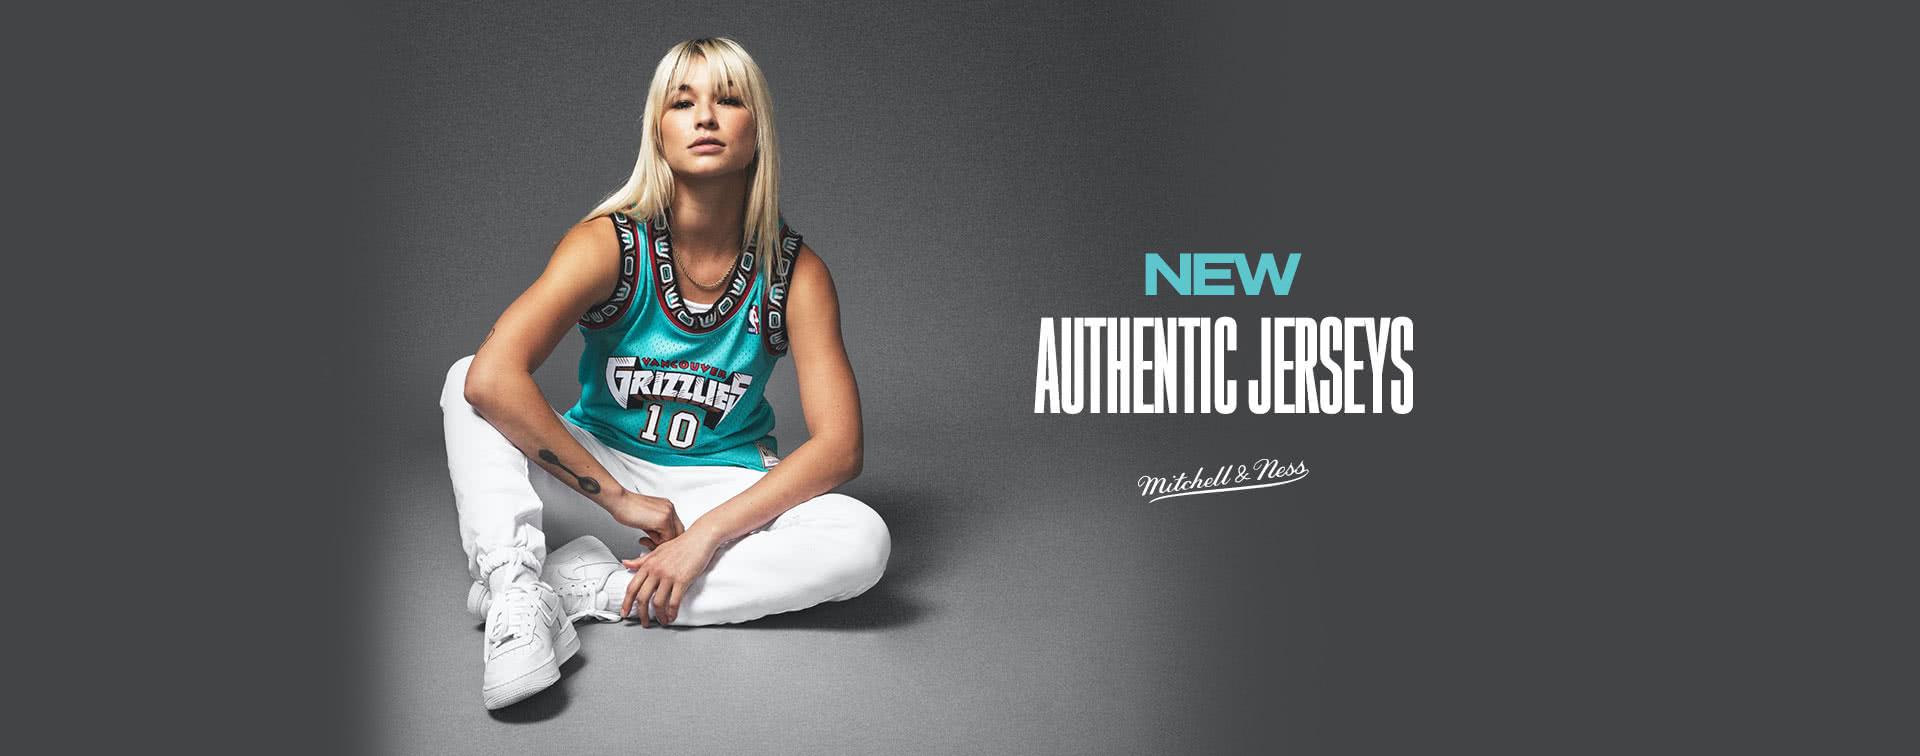 Mitchell & Ness : top merk basketbal